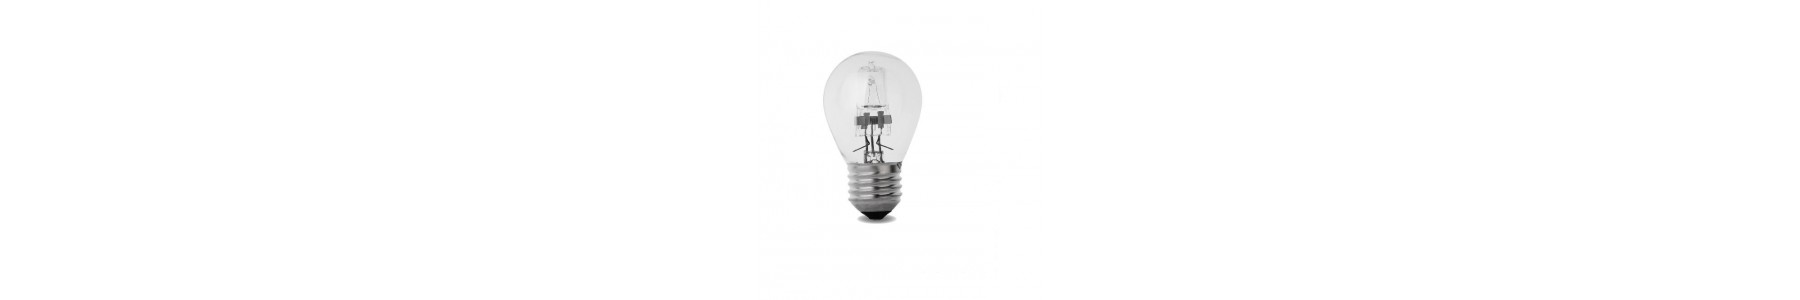 E14 Energy saver